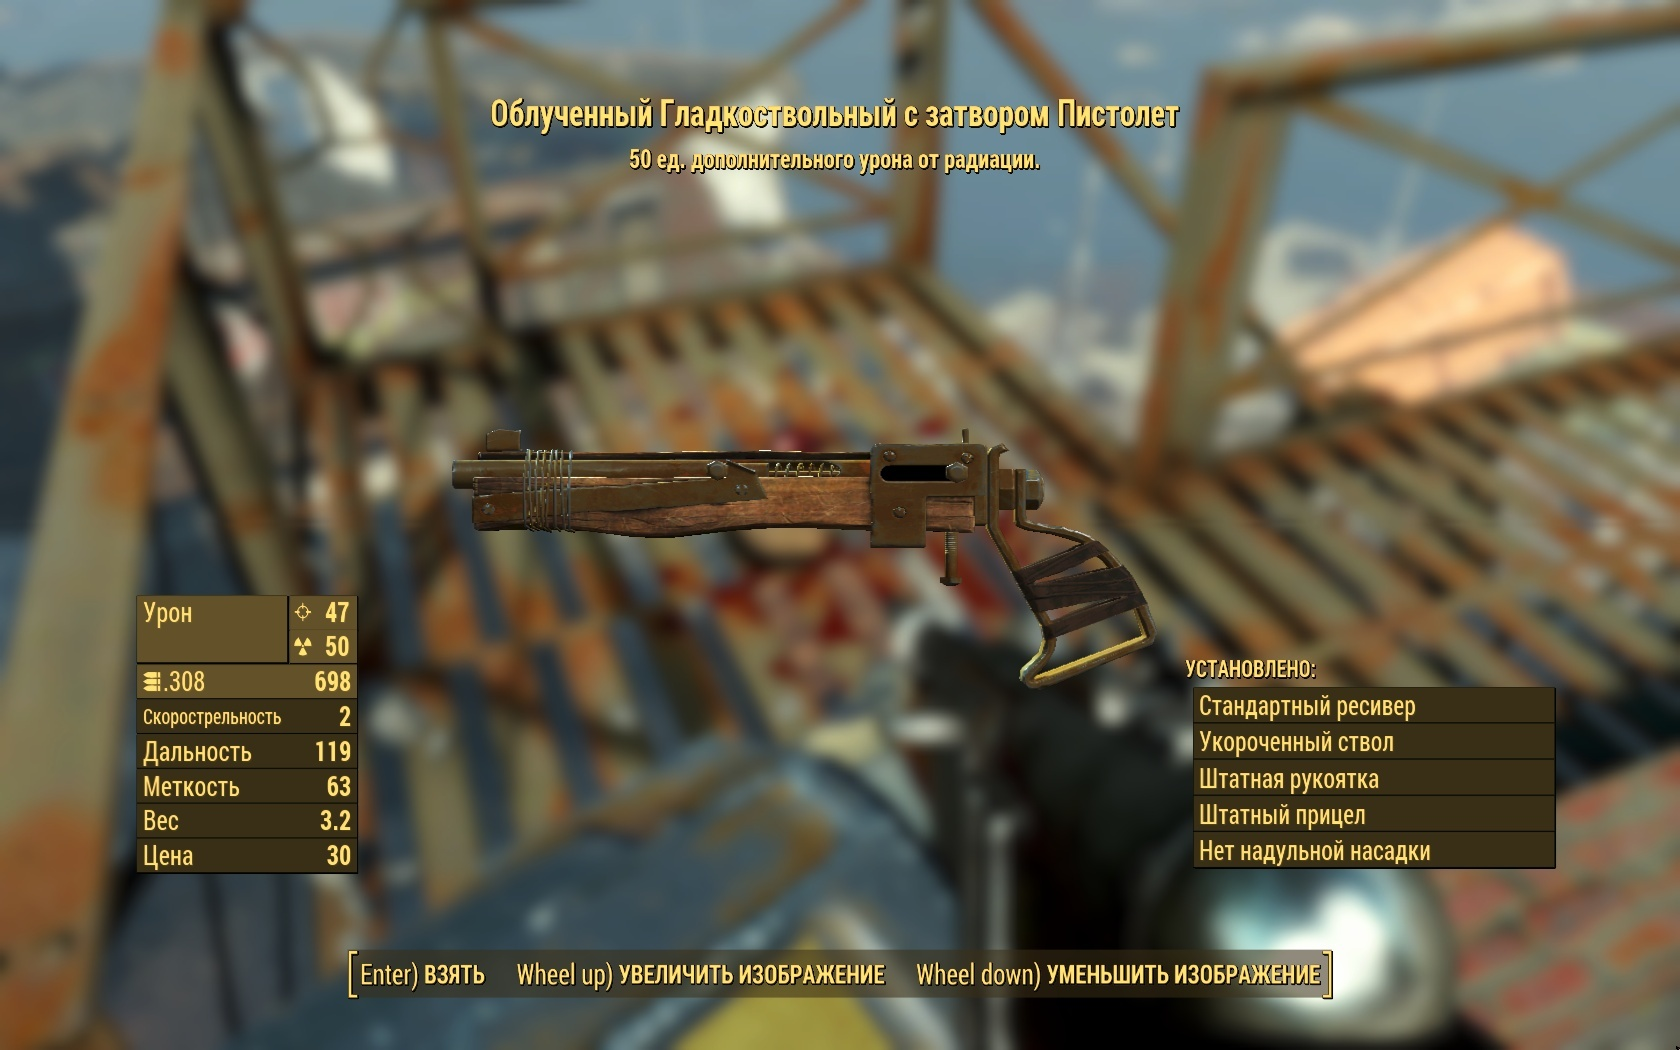 Облучённый гладкоствольный с затвором пистолет - Fallout 4 гладкоствольный, Облучённый, Оружие